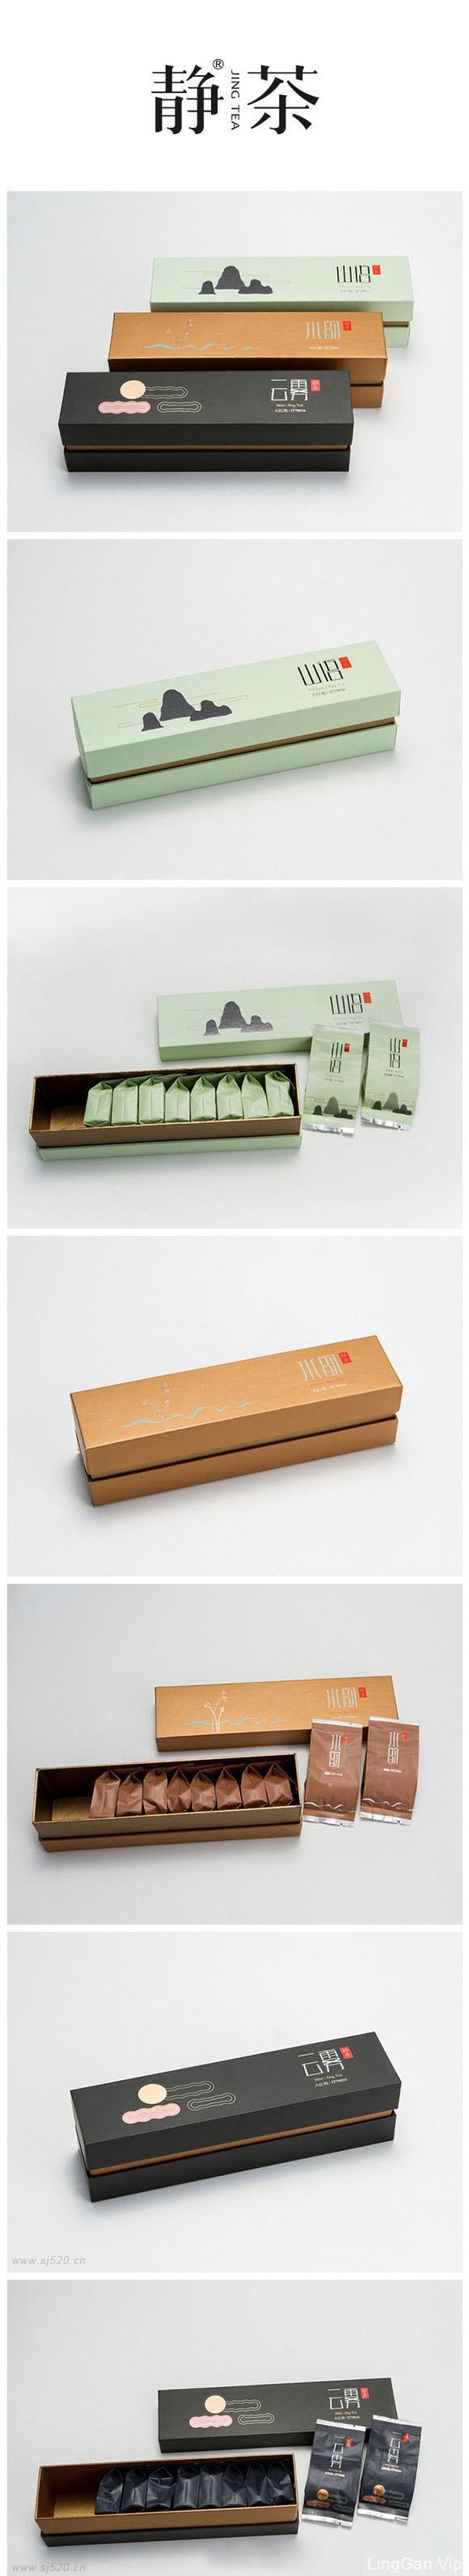 静茶(JING TEA)包装设计#茶叶包装设计